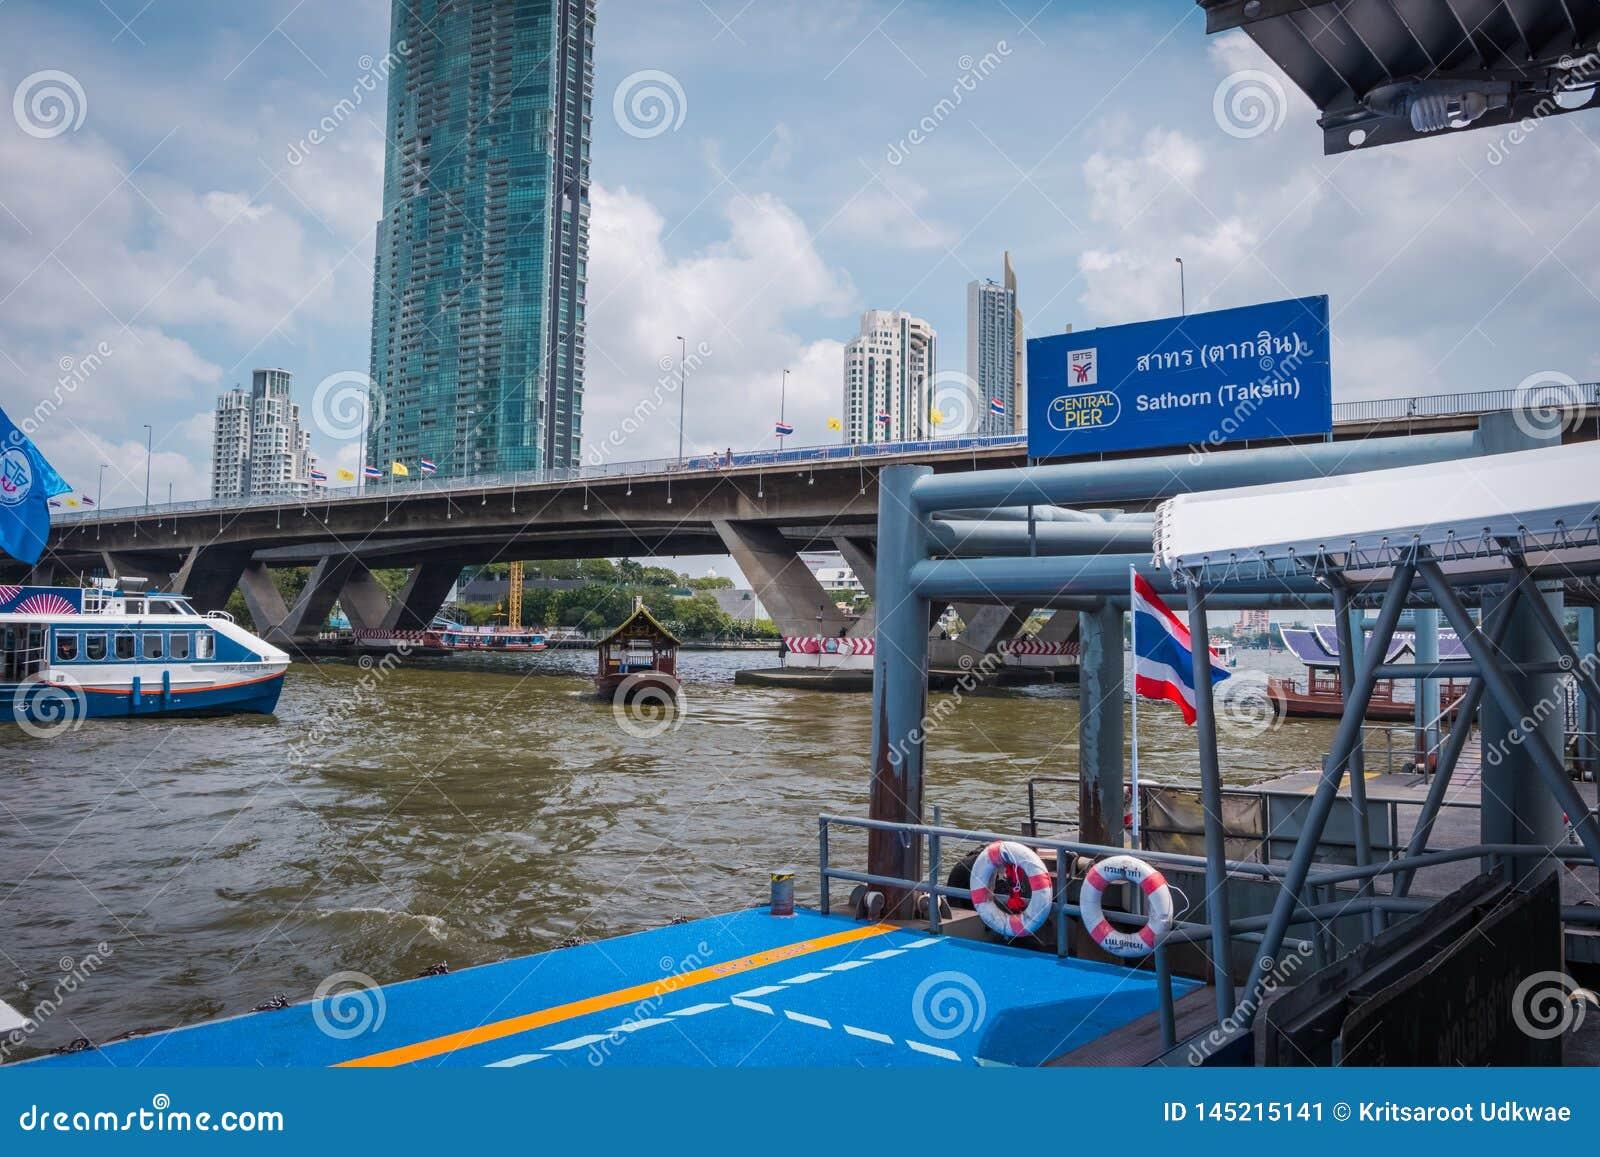 Embarcadero de Sathorn en la conexión con BTS Saphan Taksin en Bangkok, Tailandia